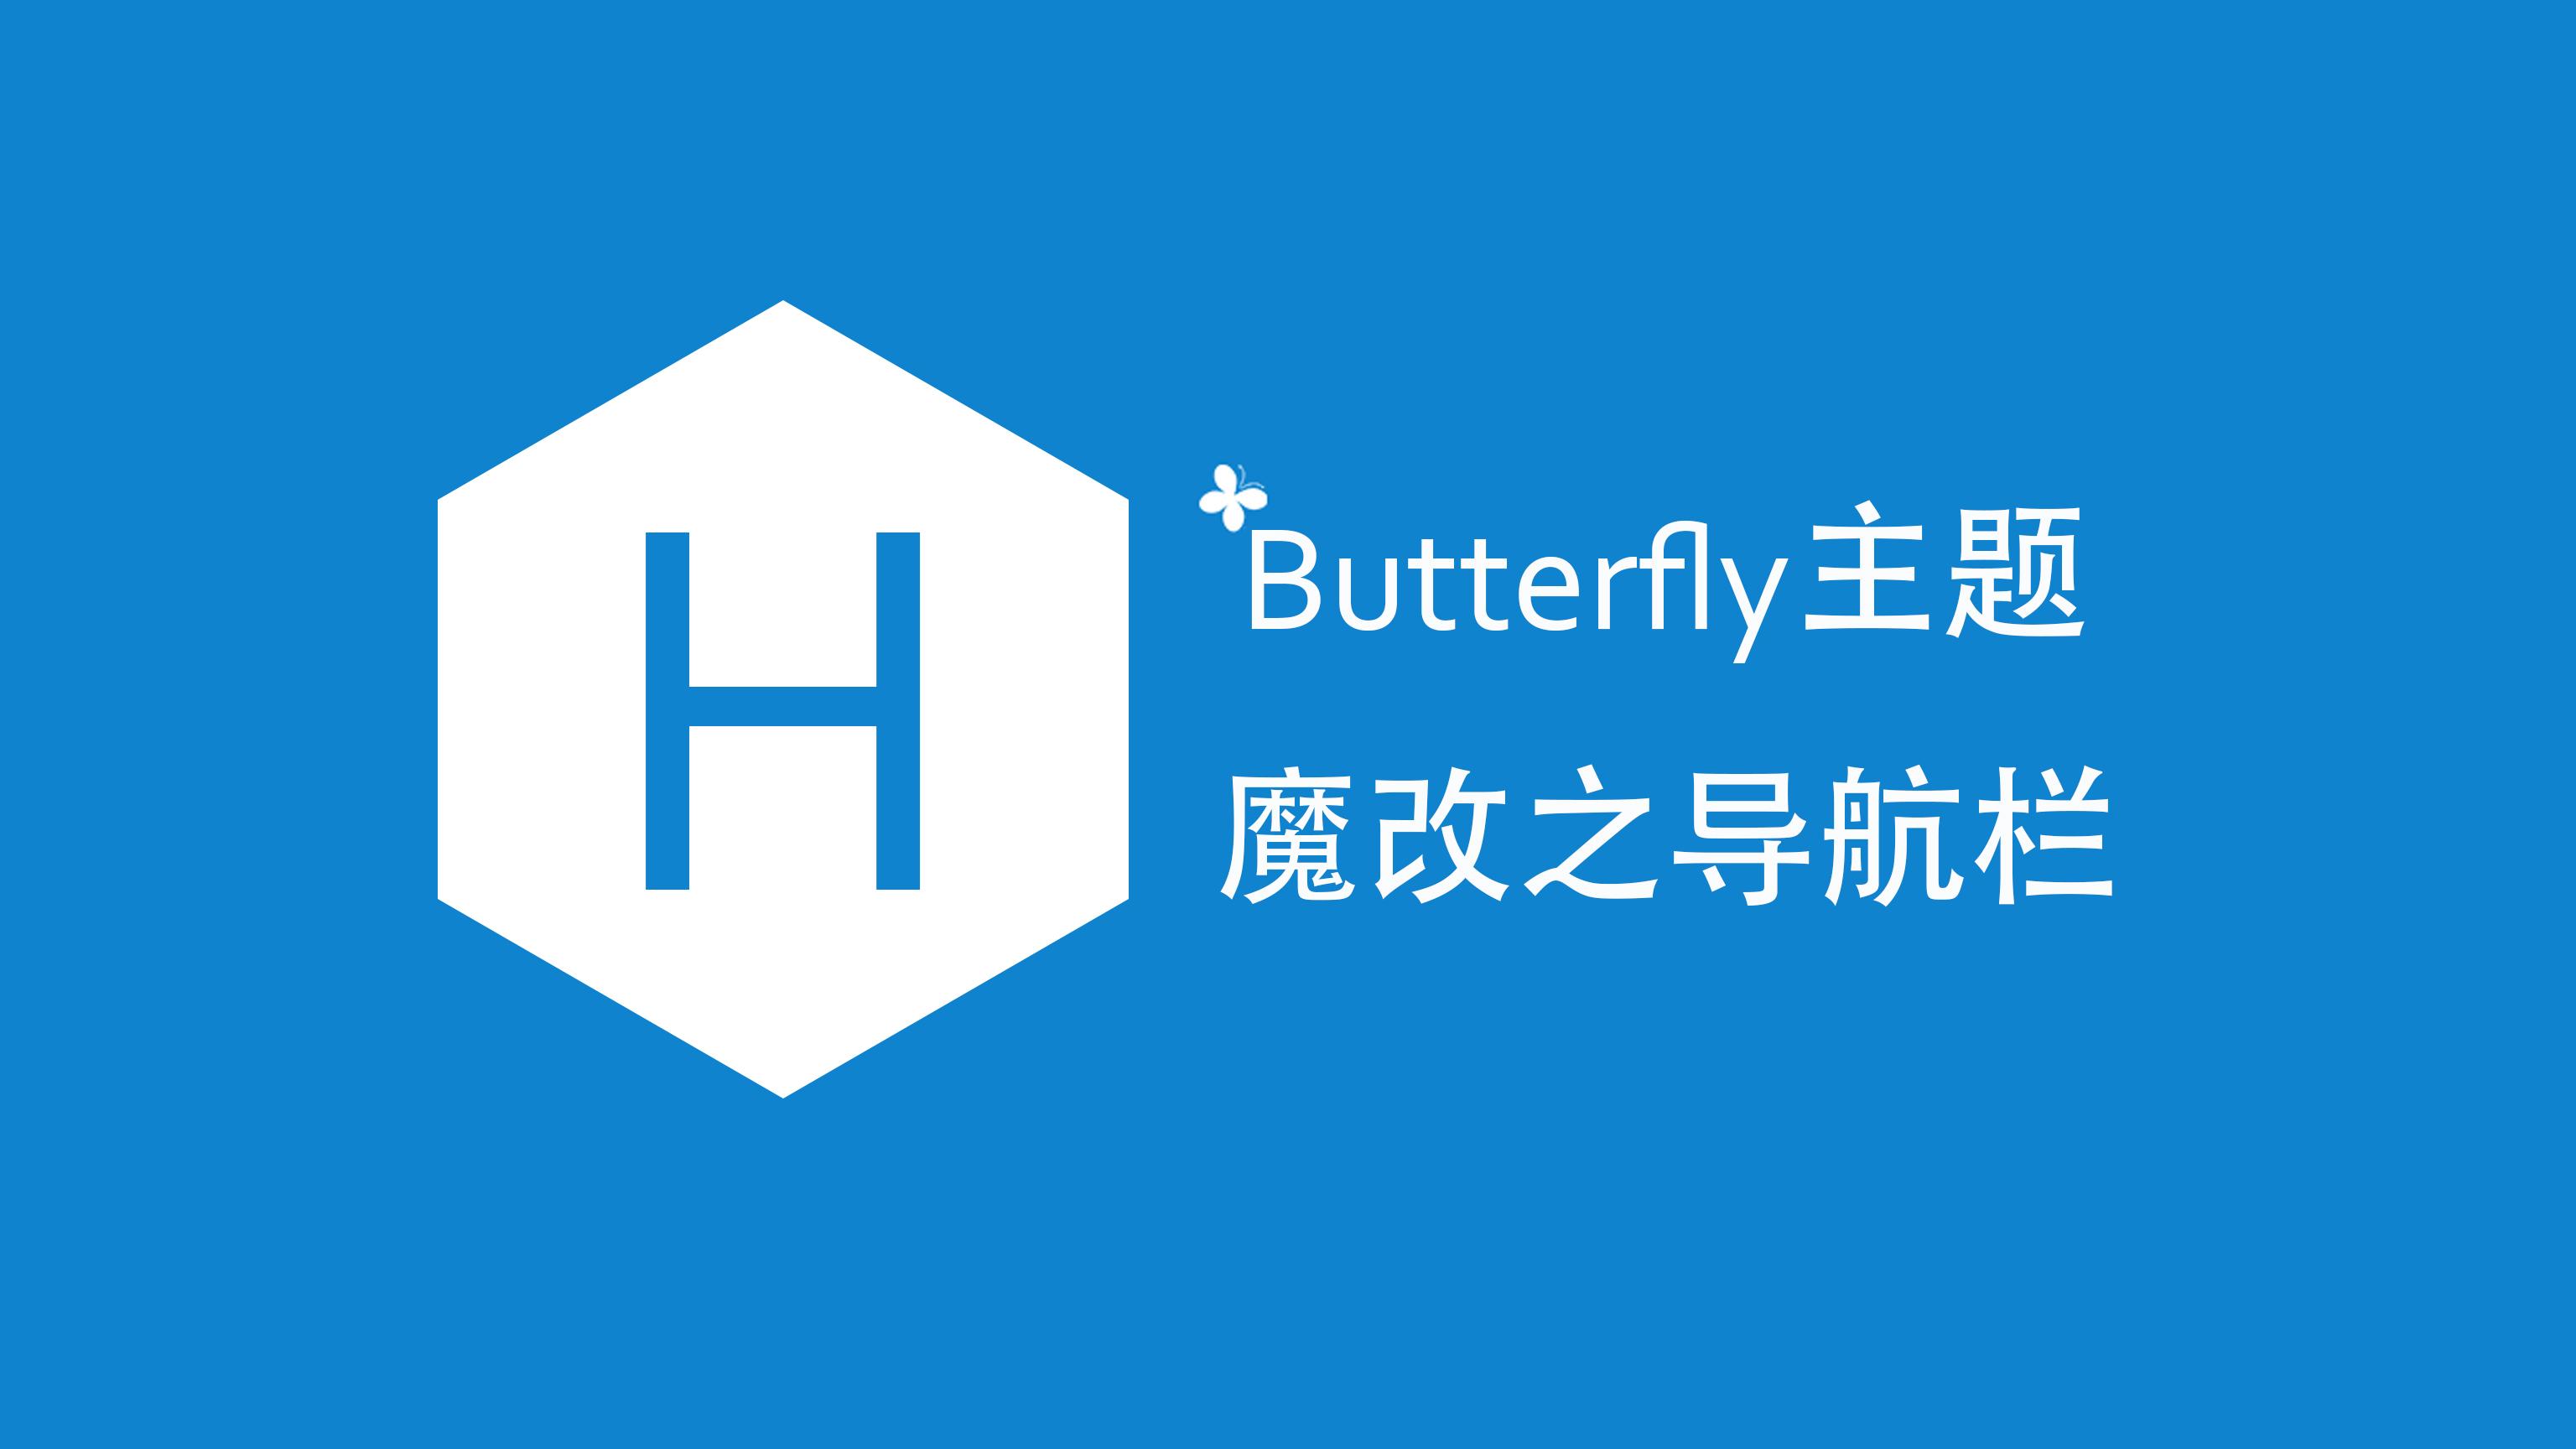 Butterfly主题魔改之导航栏